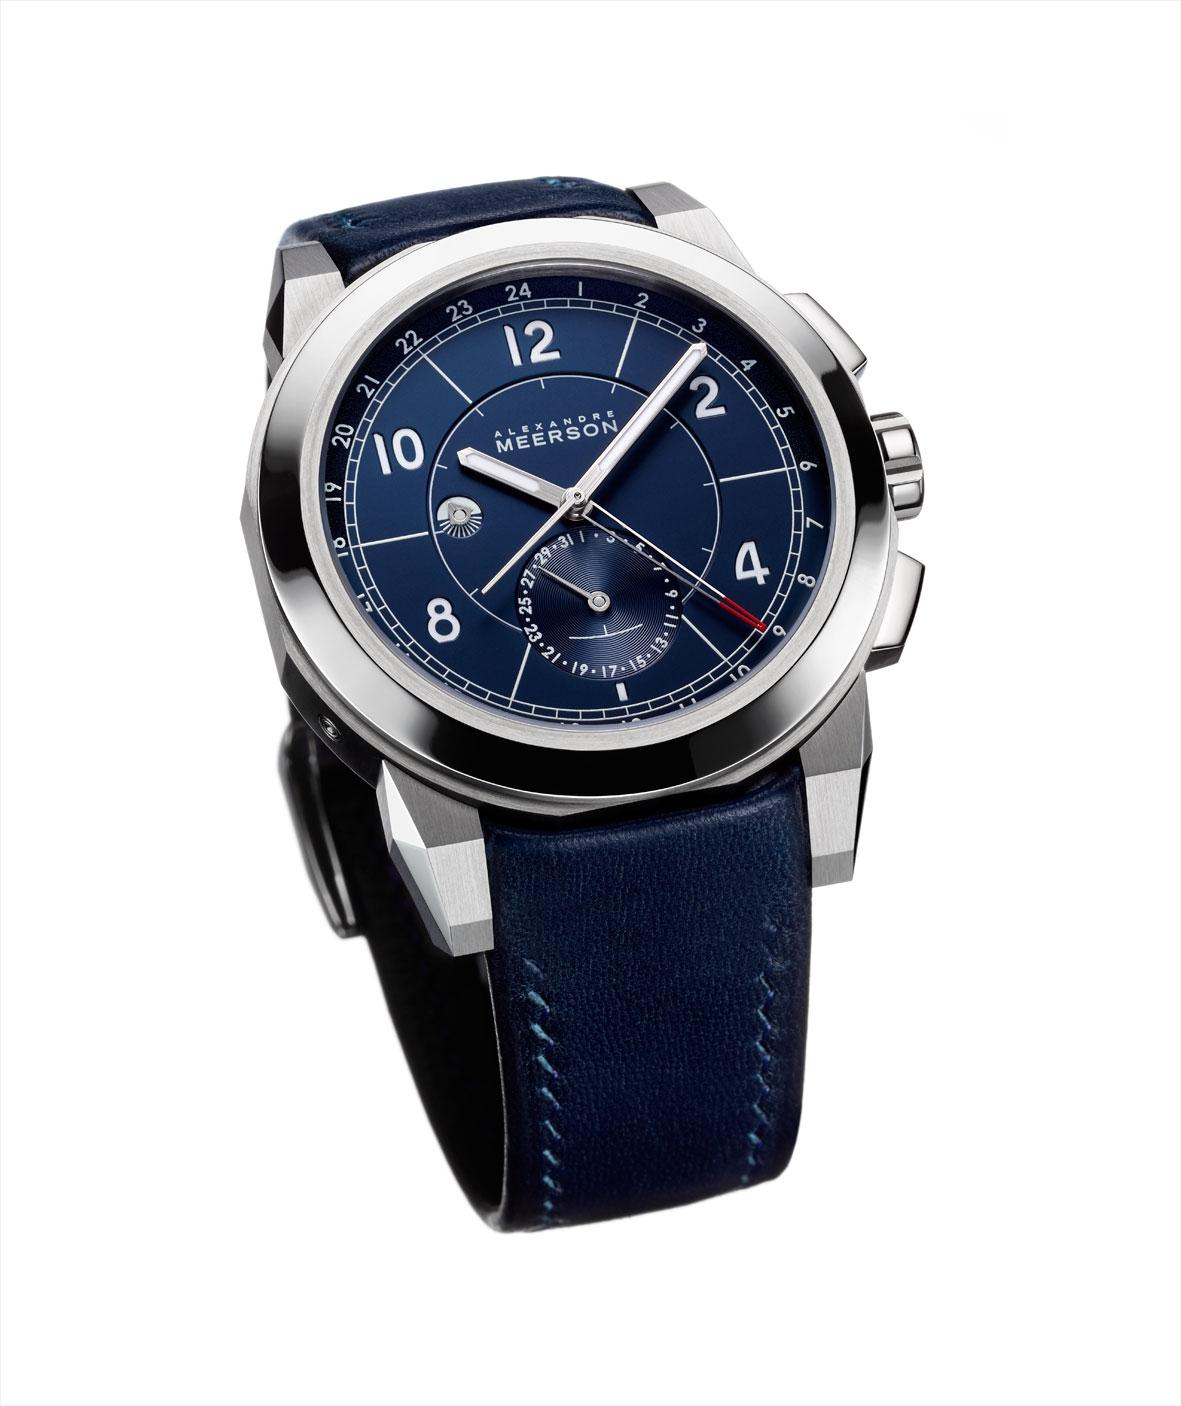 Alexandre Meerson D15 MK-1 GMT azul vertical